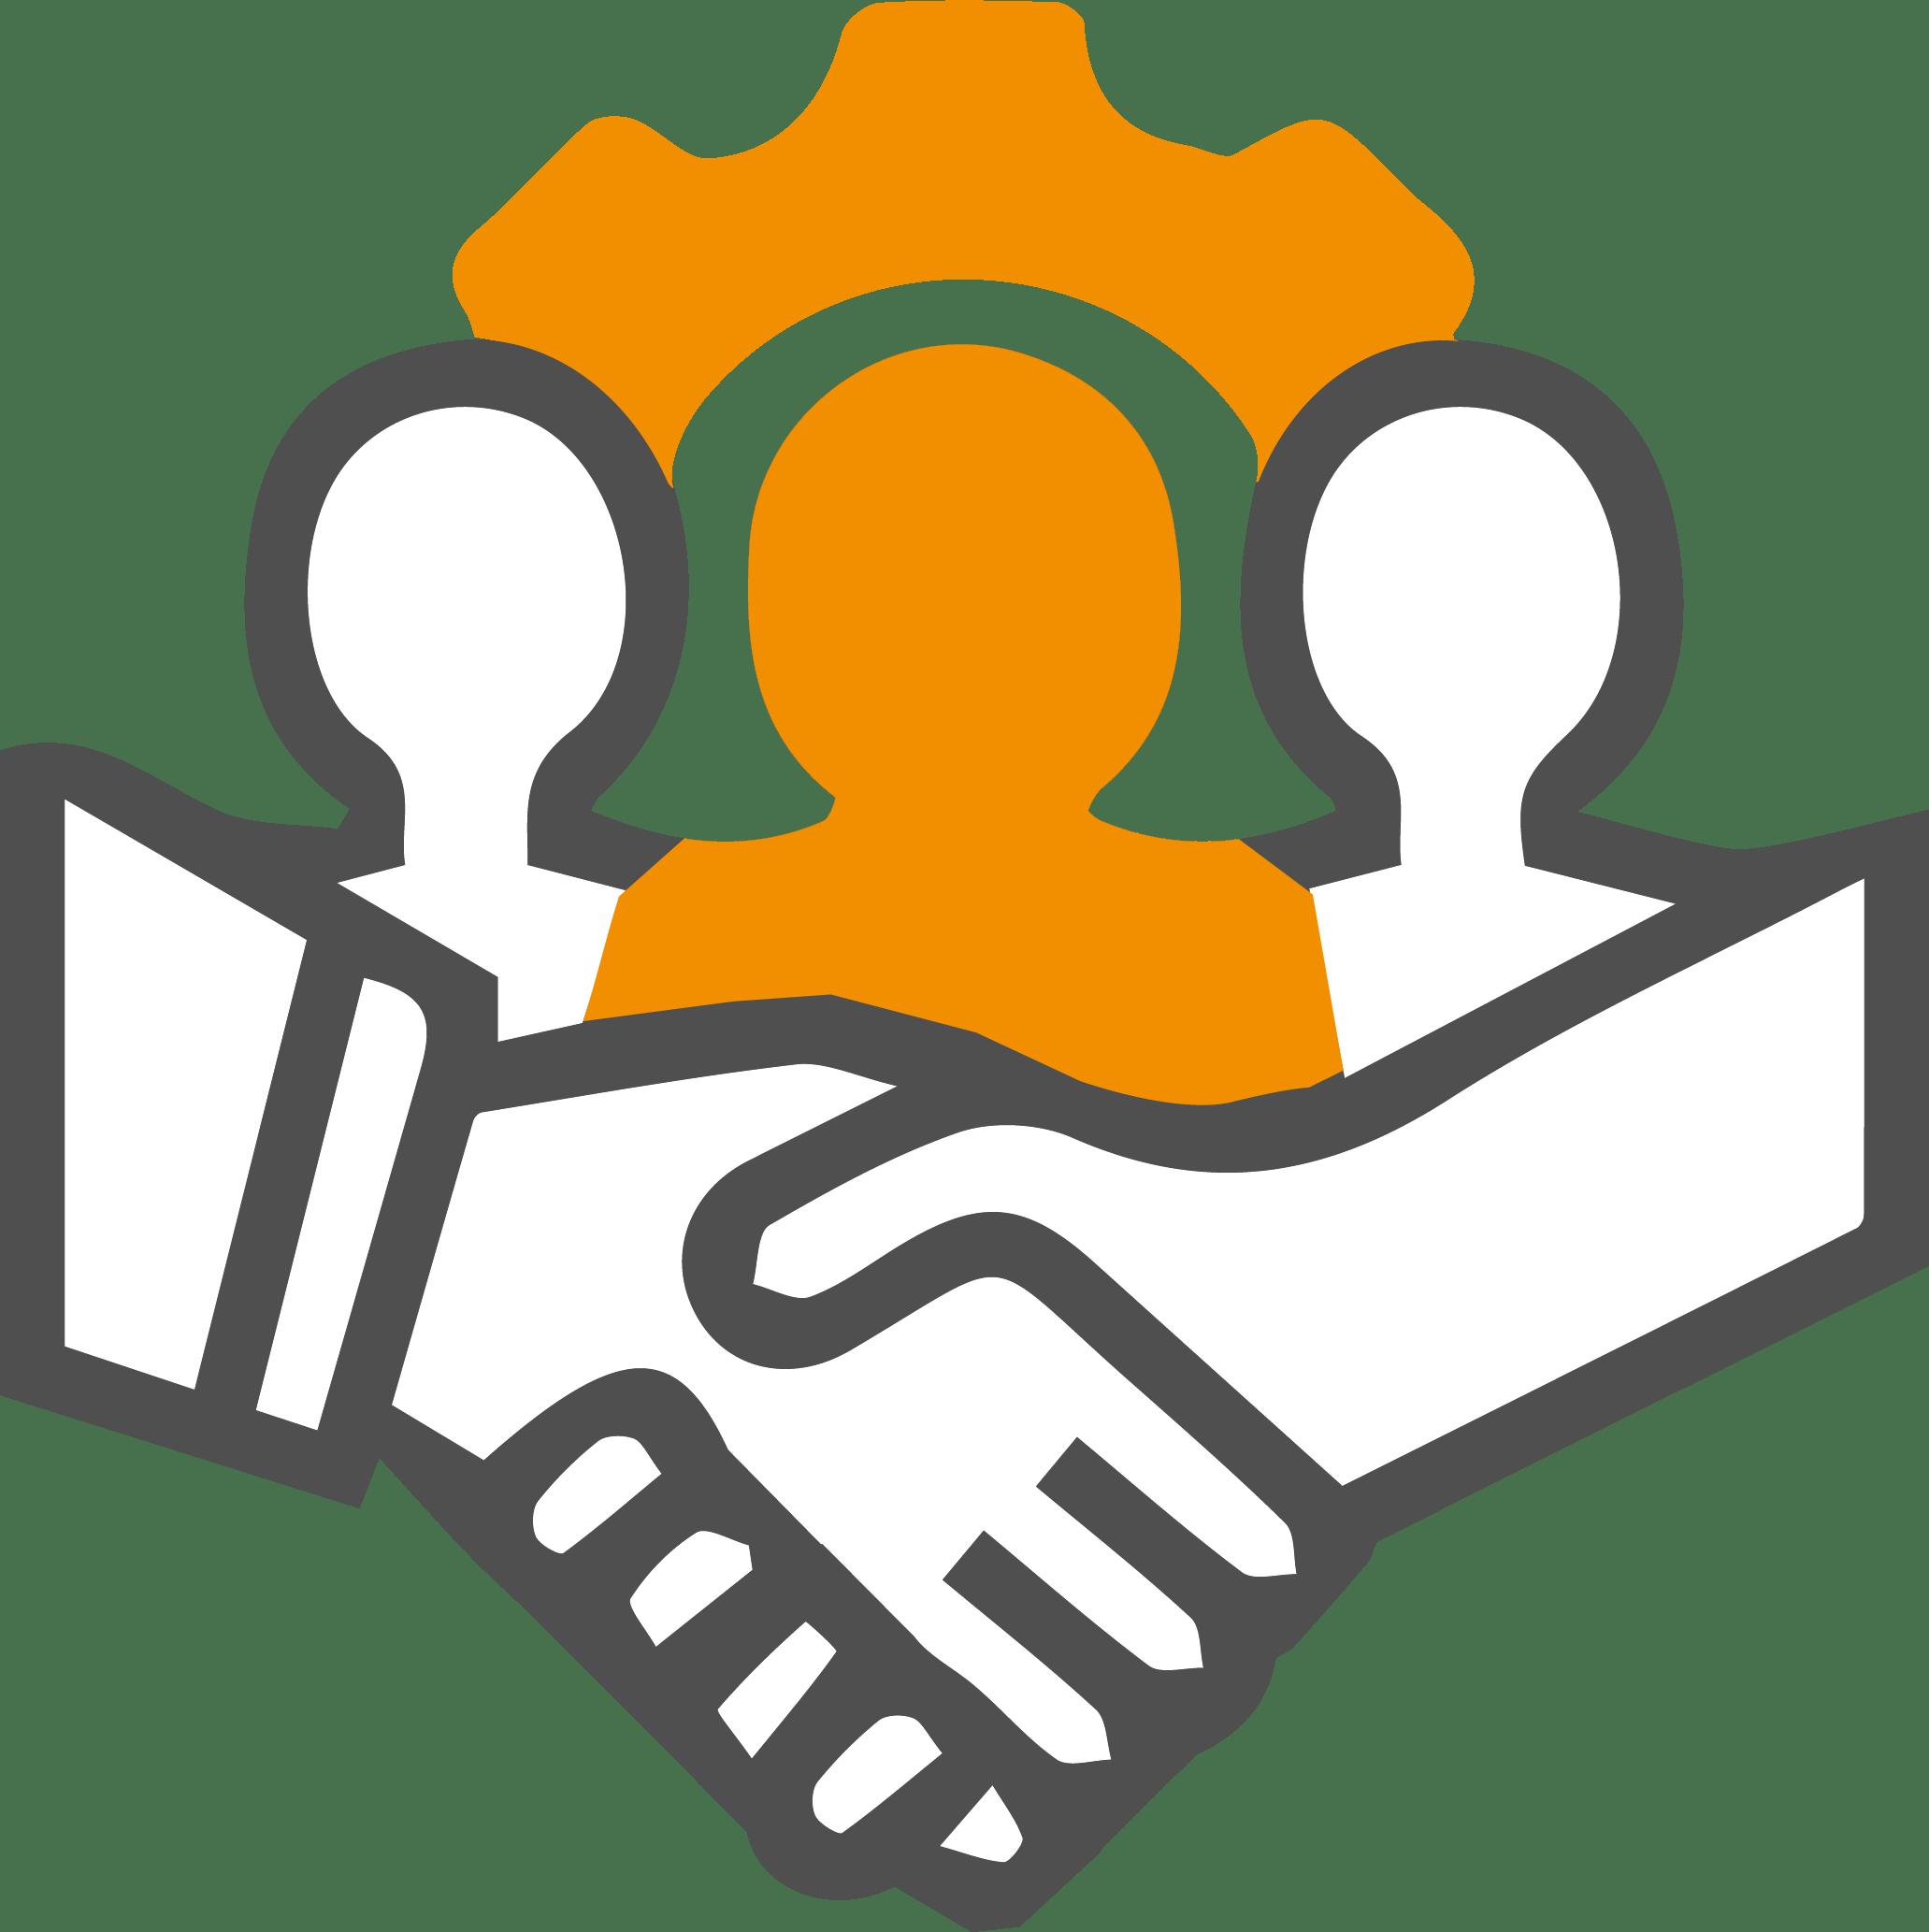 pictogramme des membres engagés -icon team